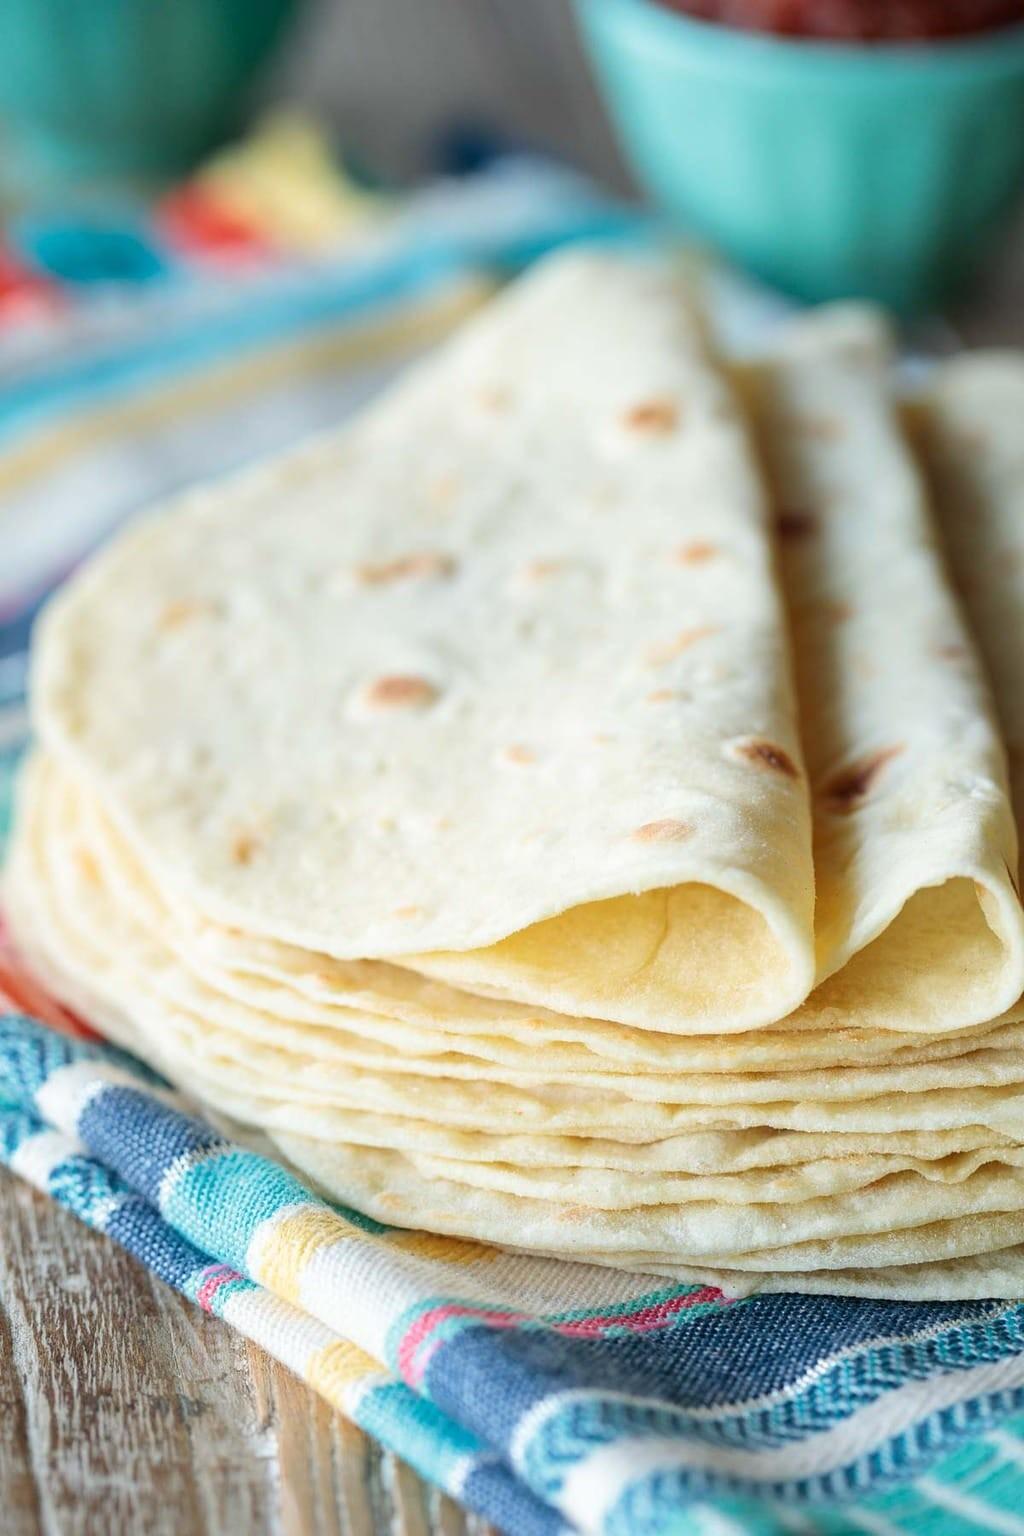 وصفات مكسيكية - طريقة عمل خبز التورتيلا